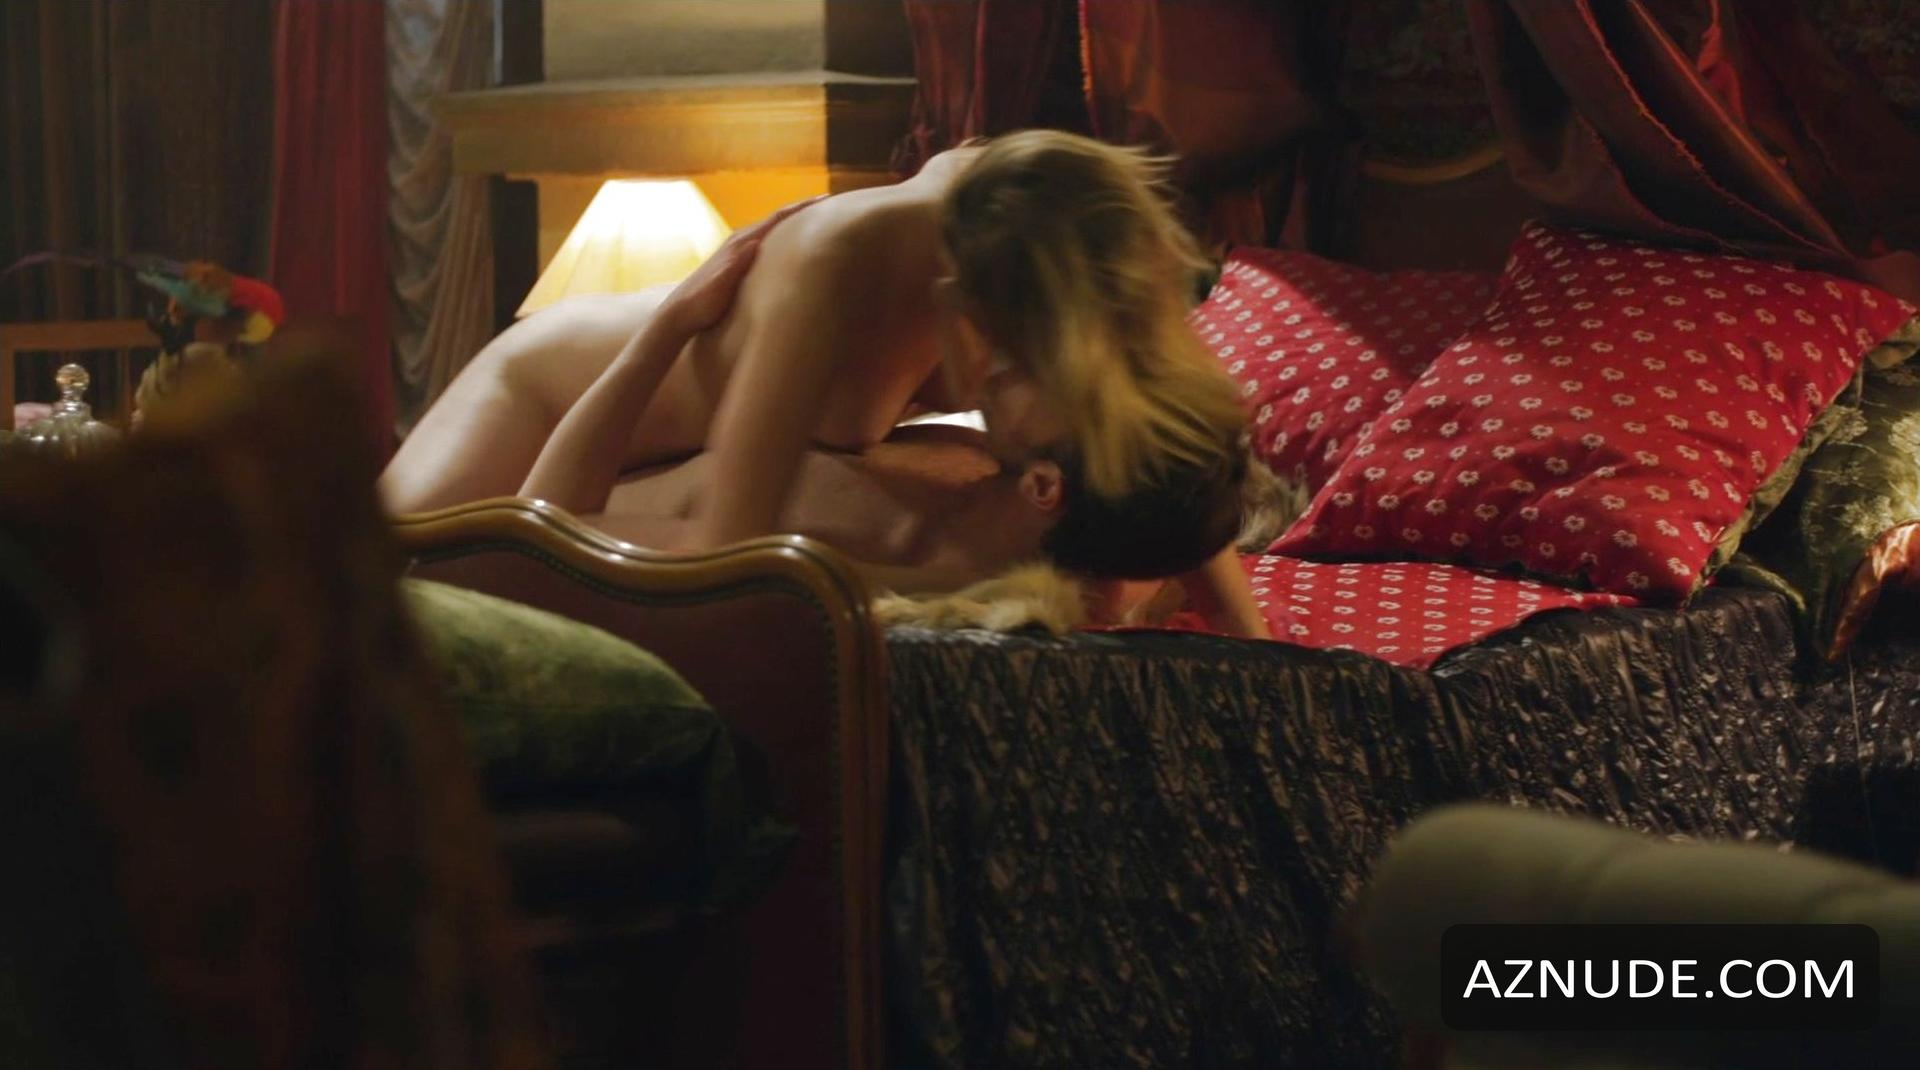 bbw ass close up nude